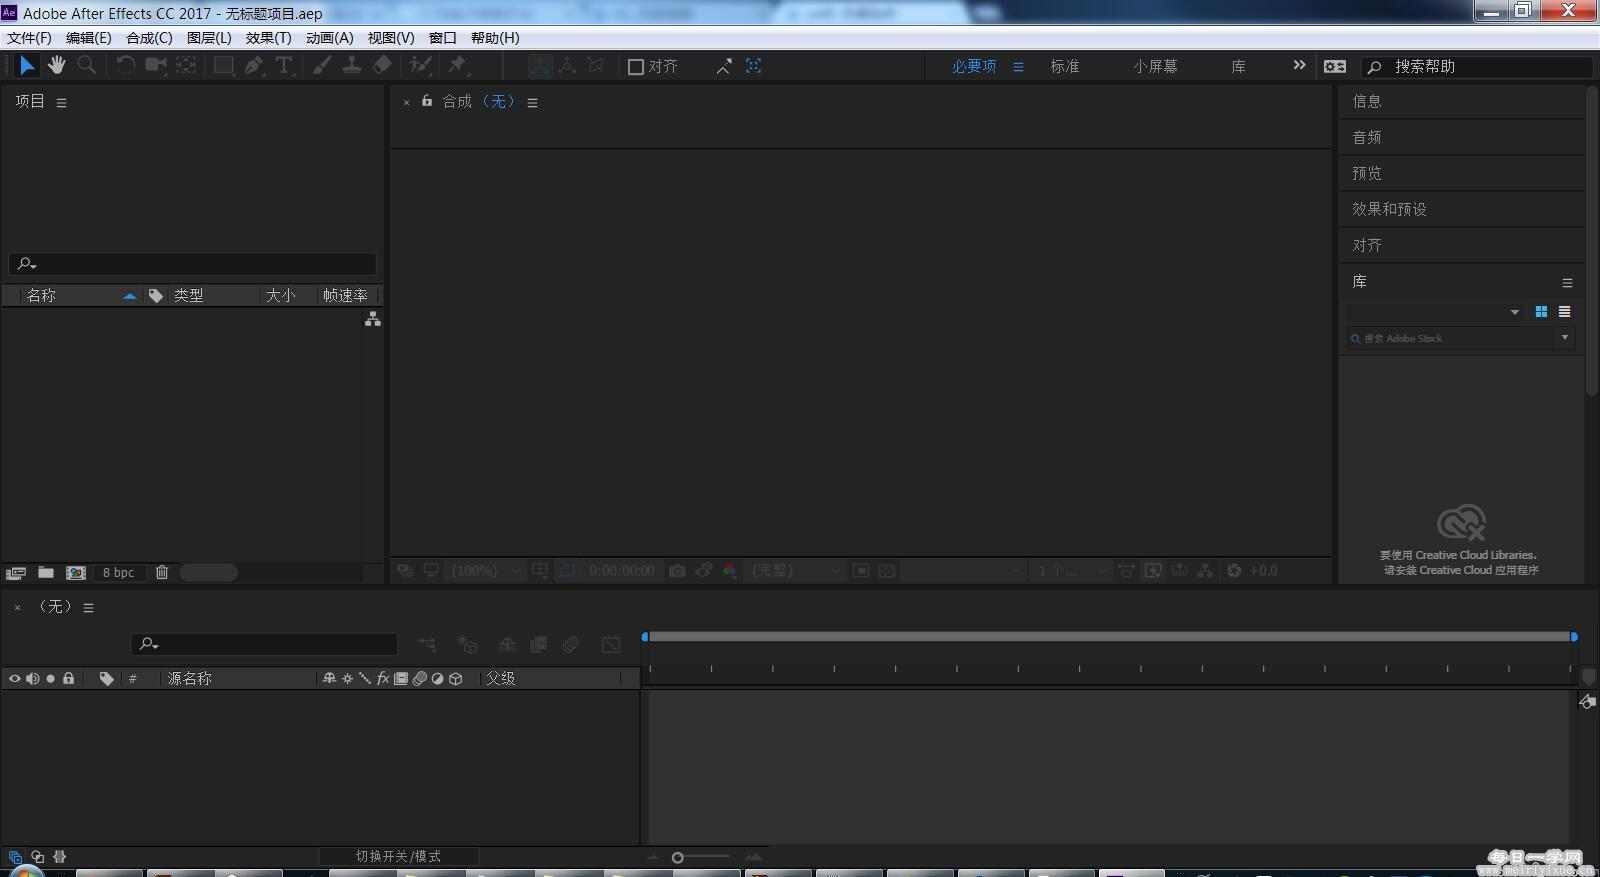 转载:Adobe After Effects(AE) CC 2017绿色破解版,解压后直接运行